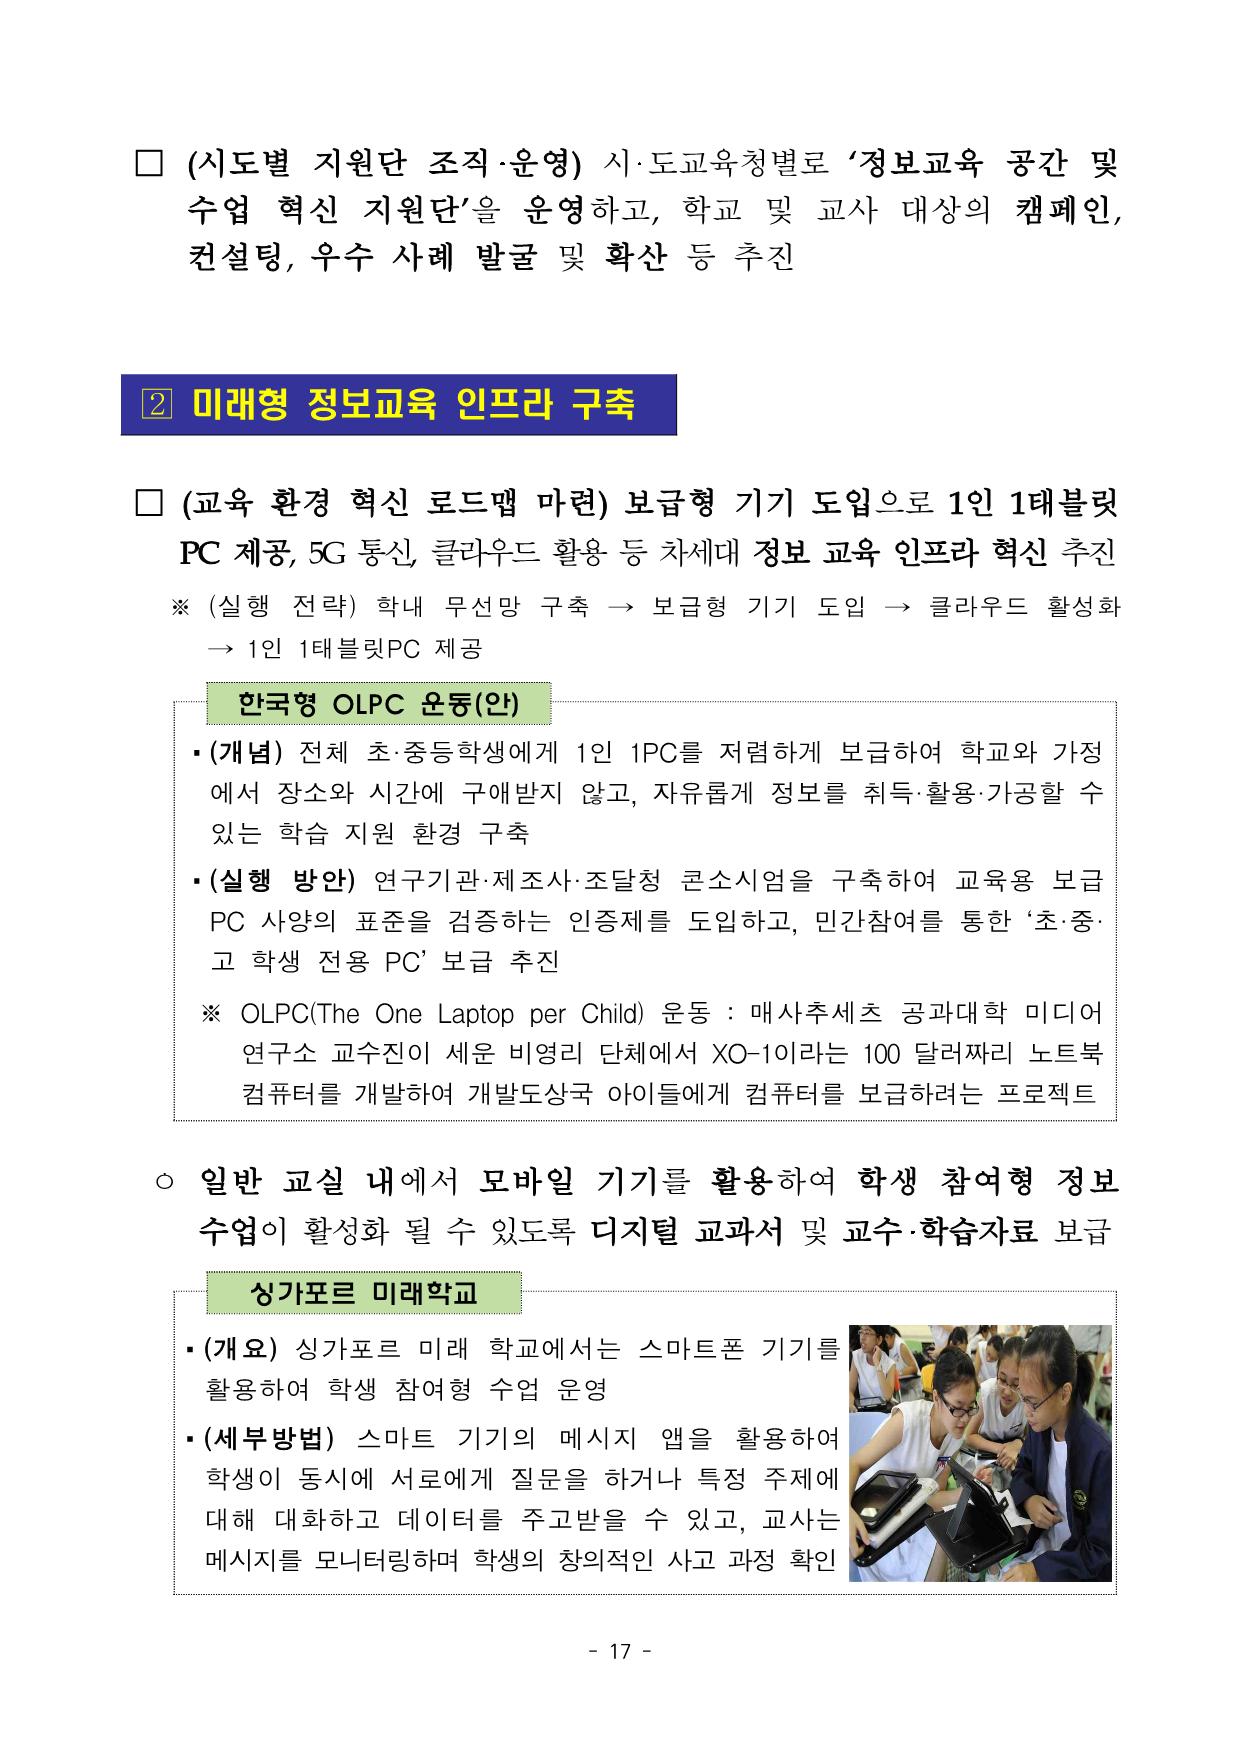 붙임 2-3. 정보교육 종합계획(안)_19.png